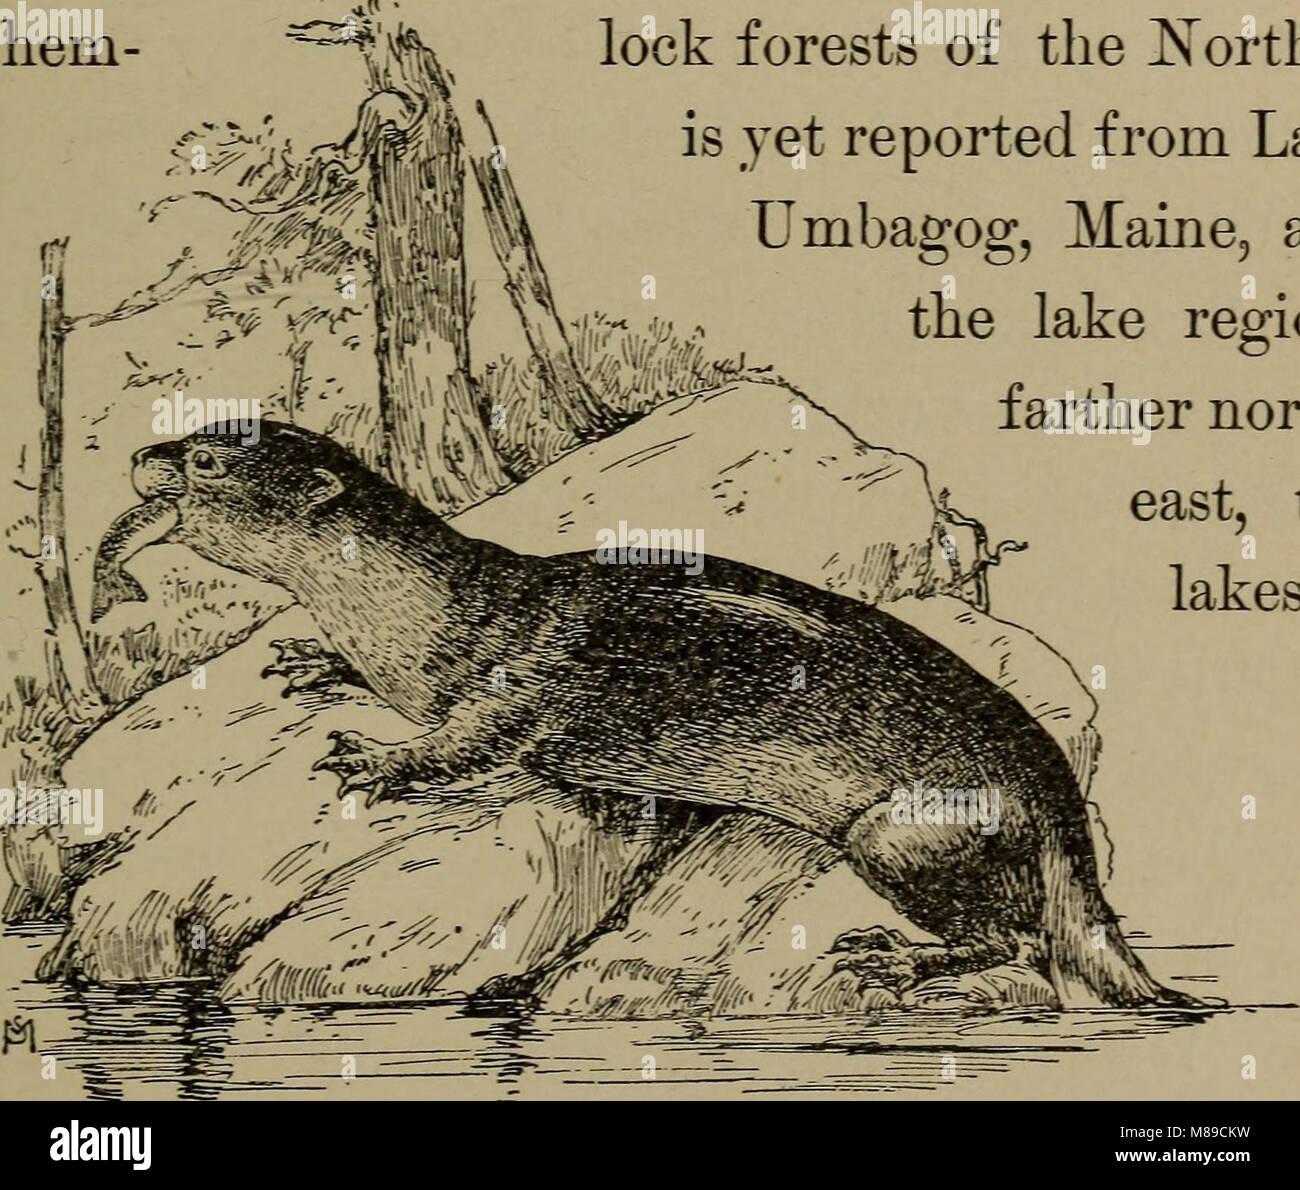 Bien connaître la vie au champ et forêt; les animaux, les oiseaux, les grenouilles et salamandres, (1898) (14568749418) Banque D'Images